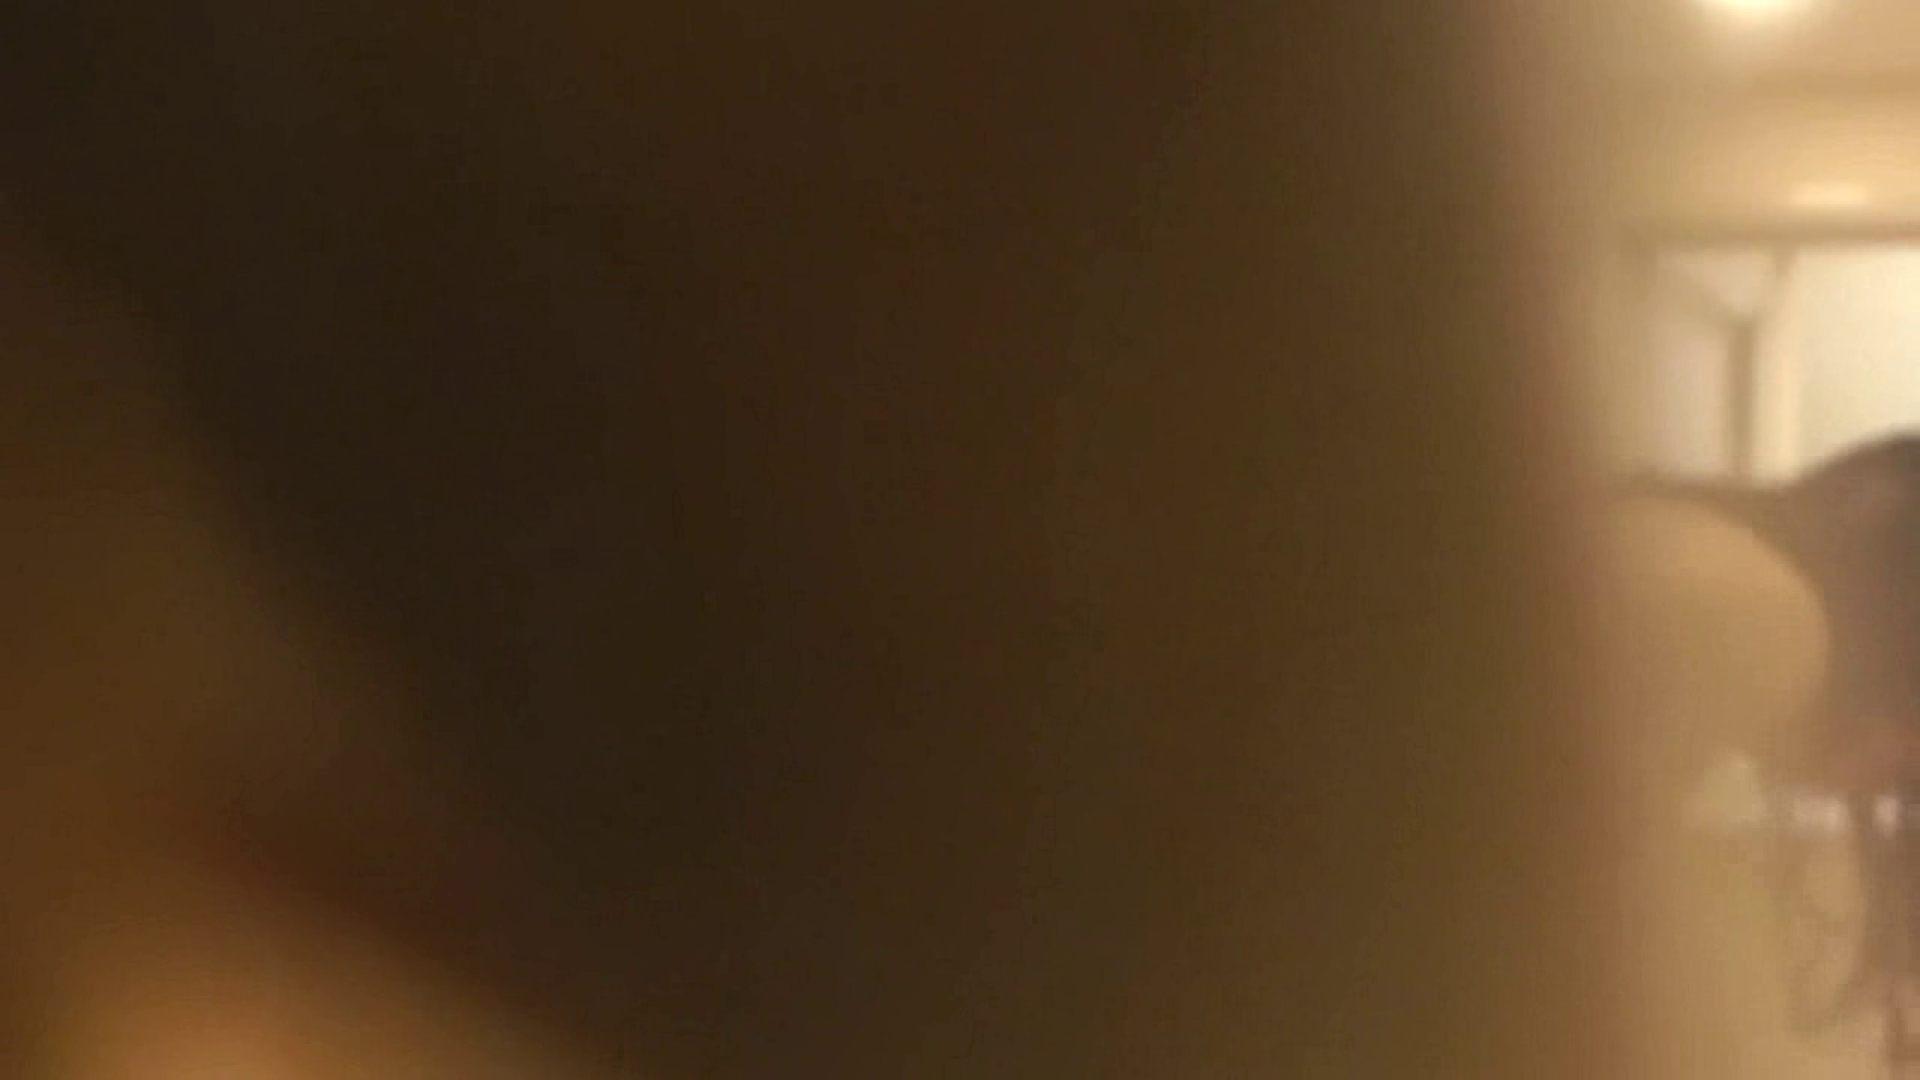 vol.1 Mayumi 窓越しに入浴シーン撮影に成功 OL   入浴シーン  89連発 61